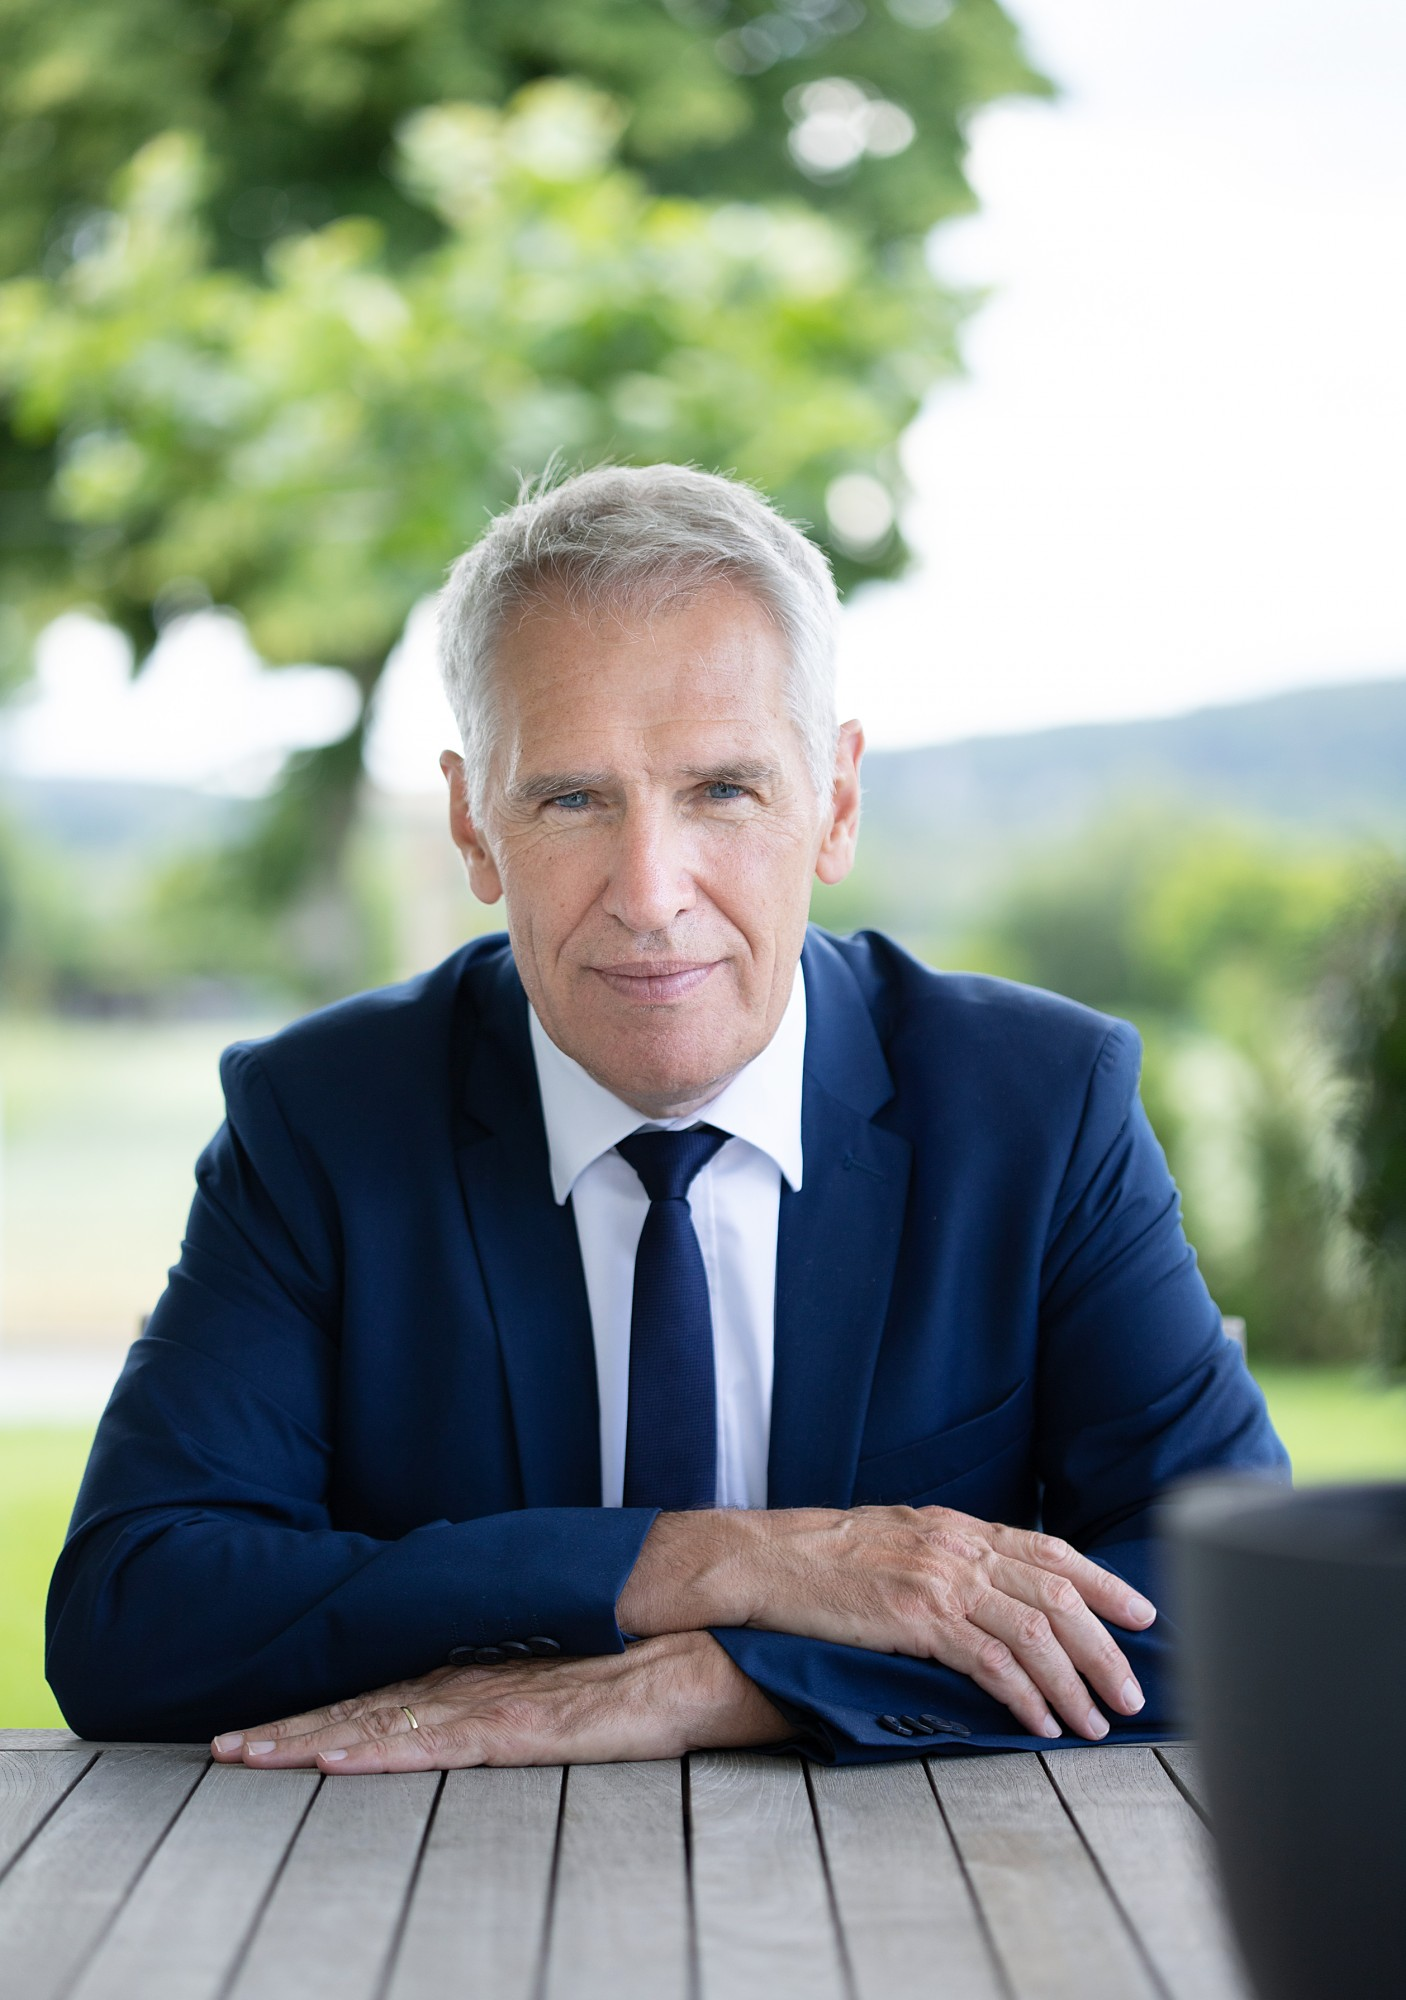 Abbildung von Heinrich Göbbels (Bürgermeister)